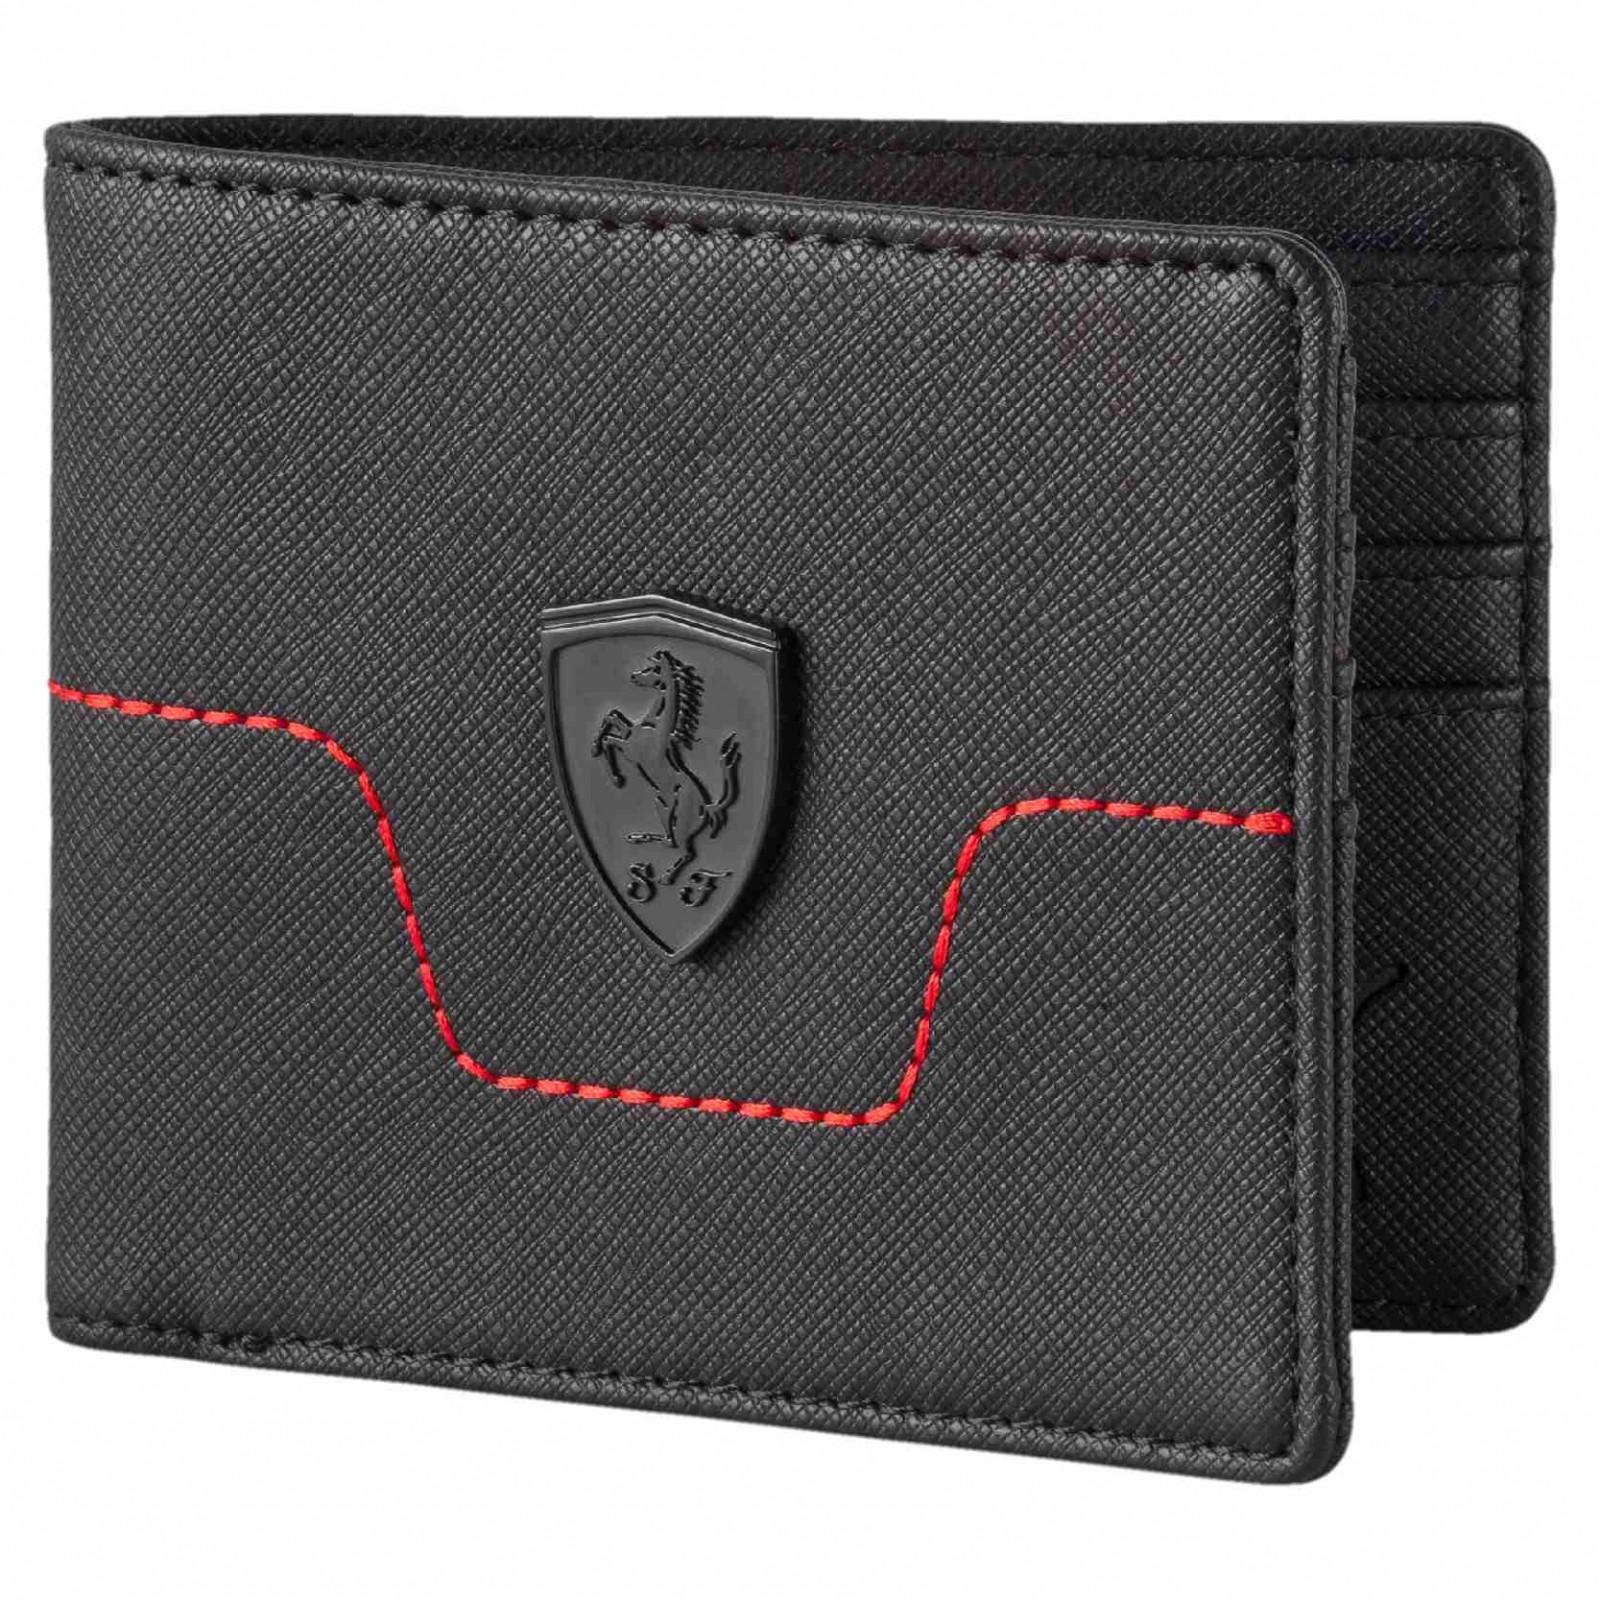 876556154e9 Pánská Peněženka Puma Ferrari LS Wallet M Black